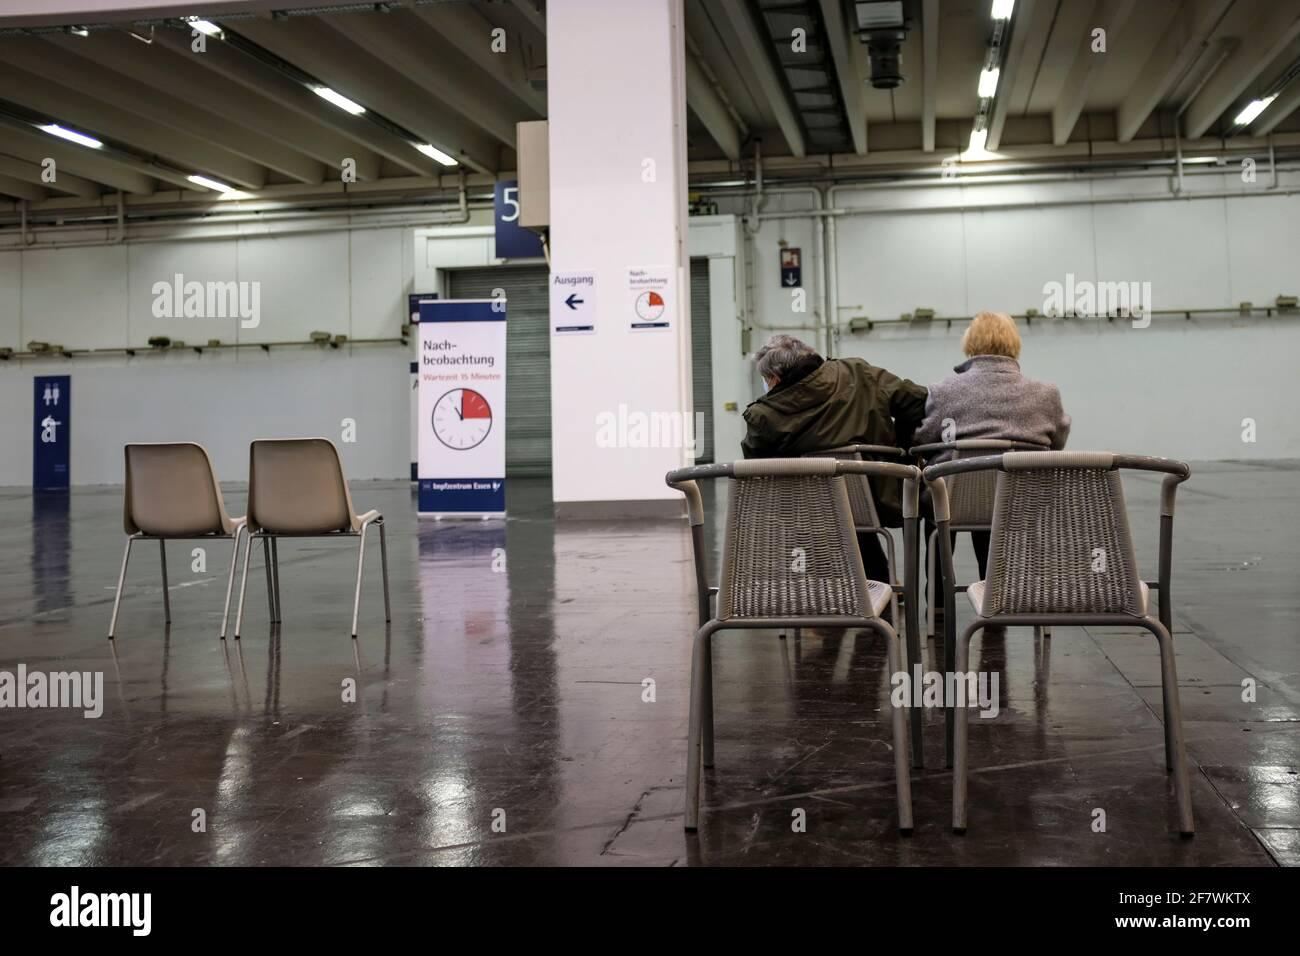 04.04.2021, Essen, Ruhrgebiet, Nordrhein-Westfalen, Deutschland - Ein Paar wartet nach der Impfung im Wartebereich für die Nachbeobachtung im Impfzent Stock Photo